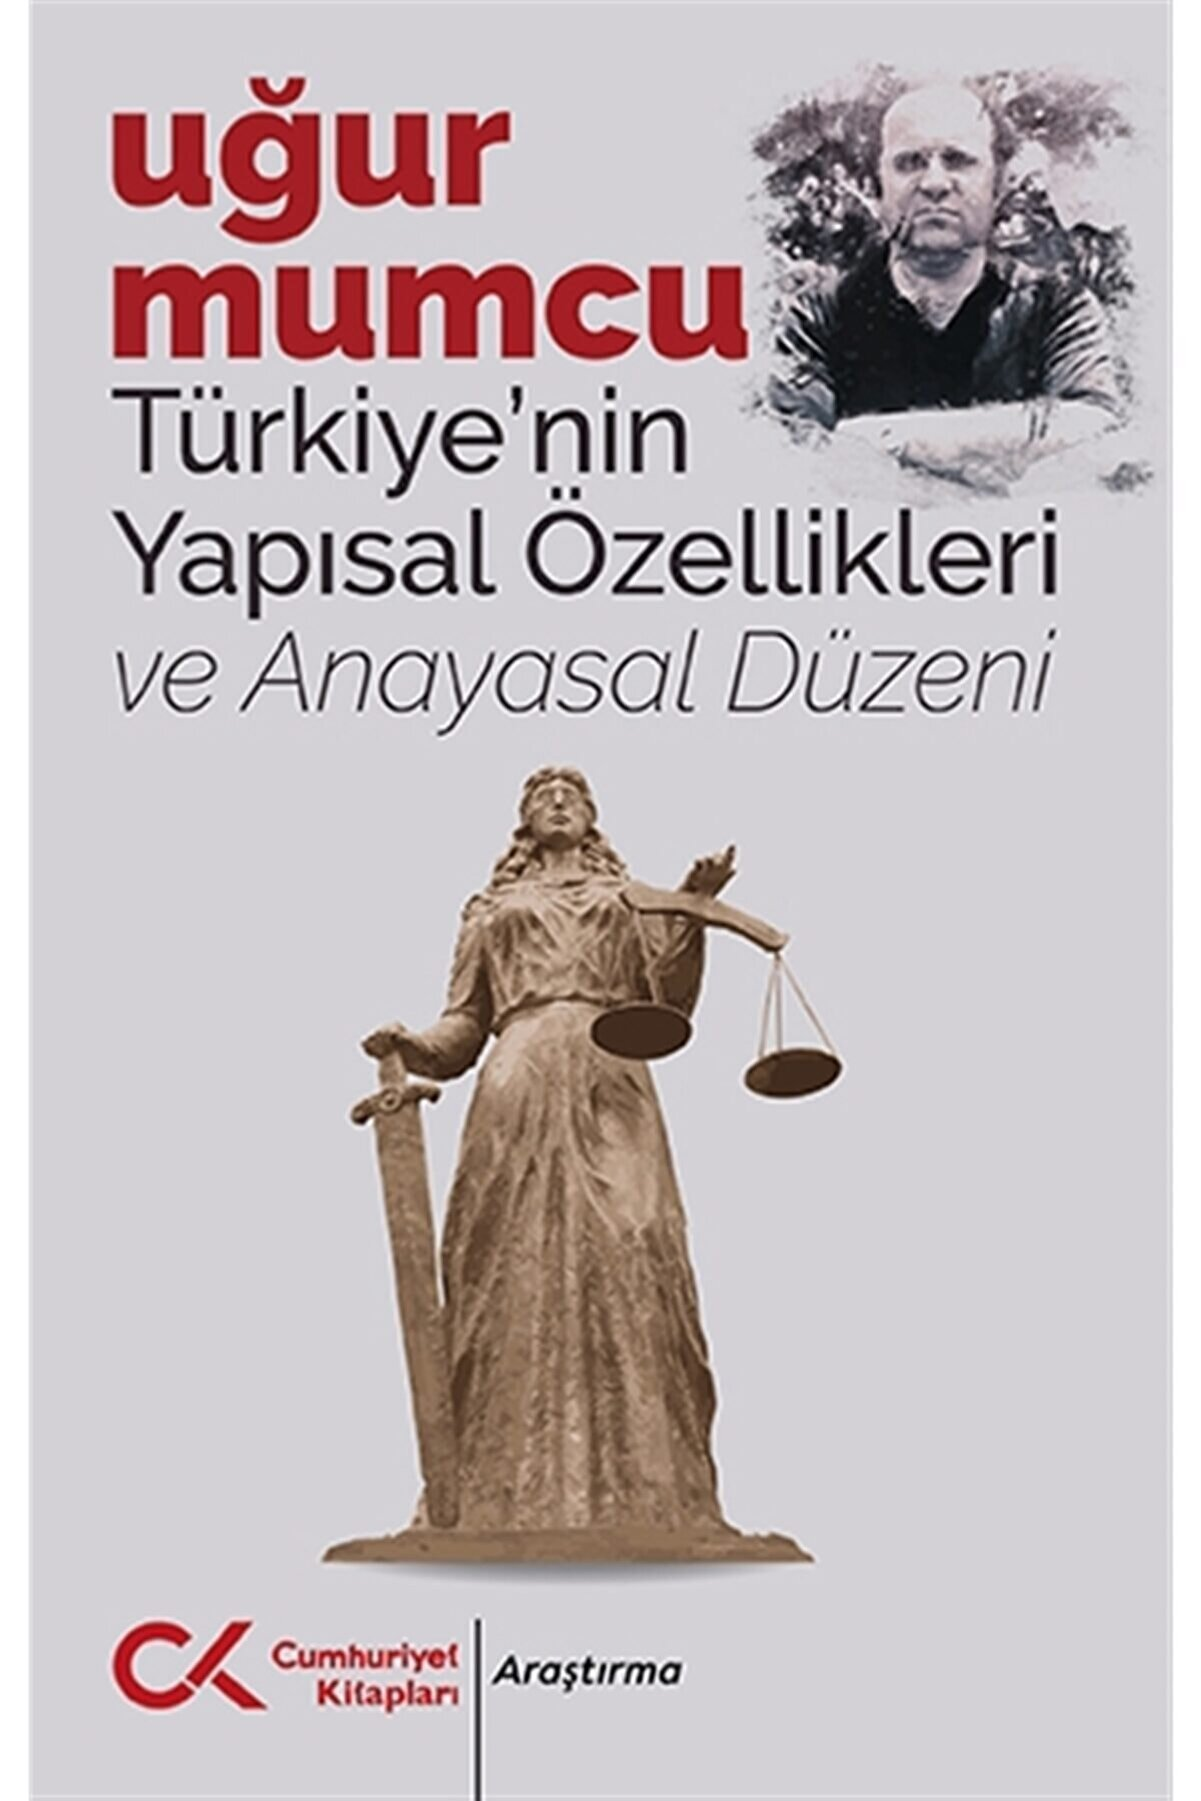 Cumhuriyet Kitapları Türkiye'nin Yapısal Özellikleri Ve Anayasal Düzeni - Uğur Mumcu 9786257715034